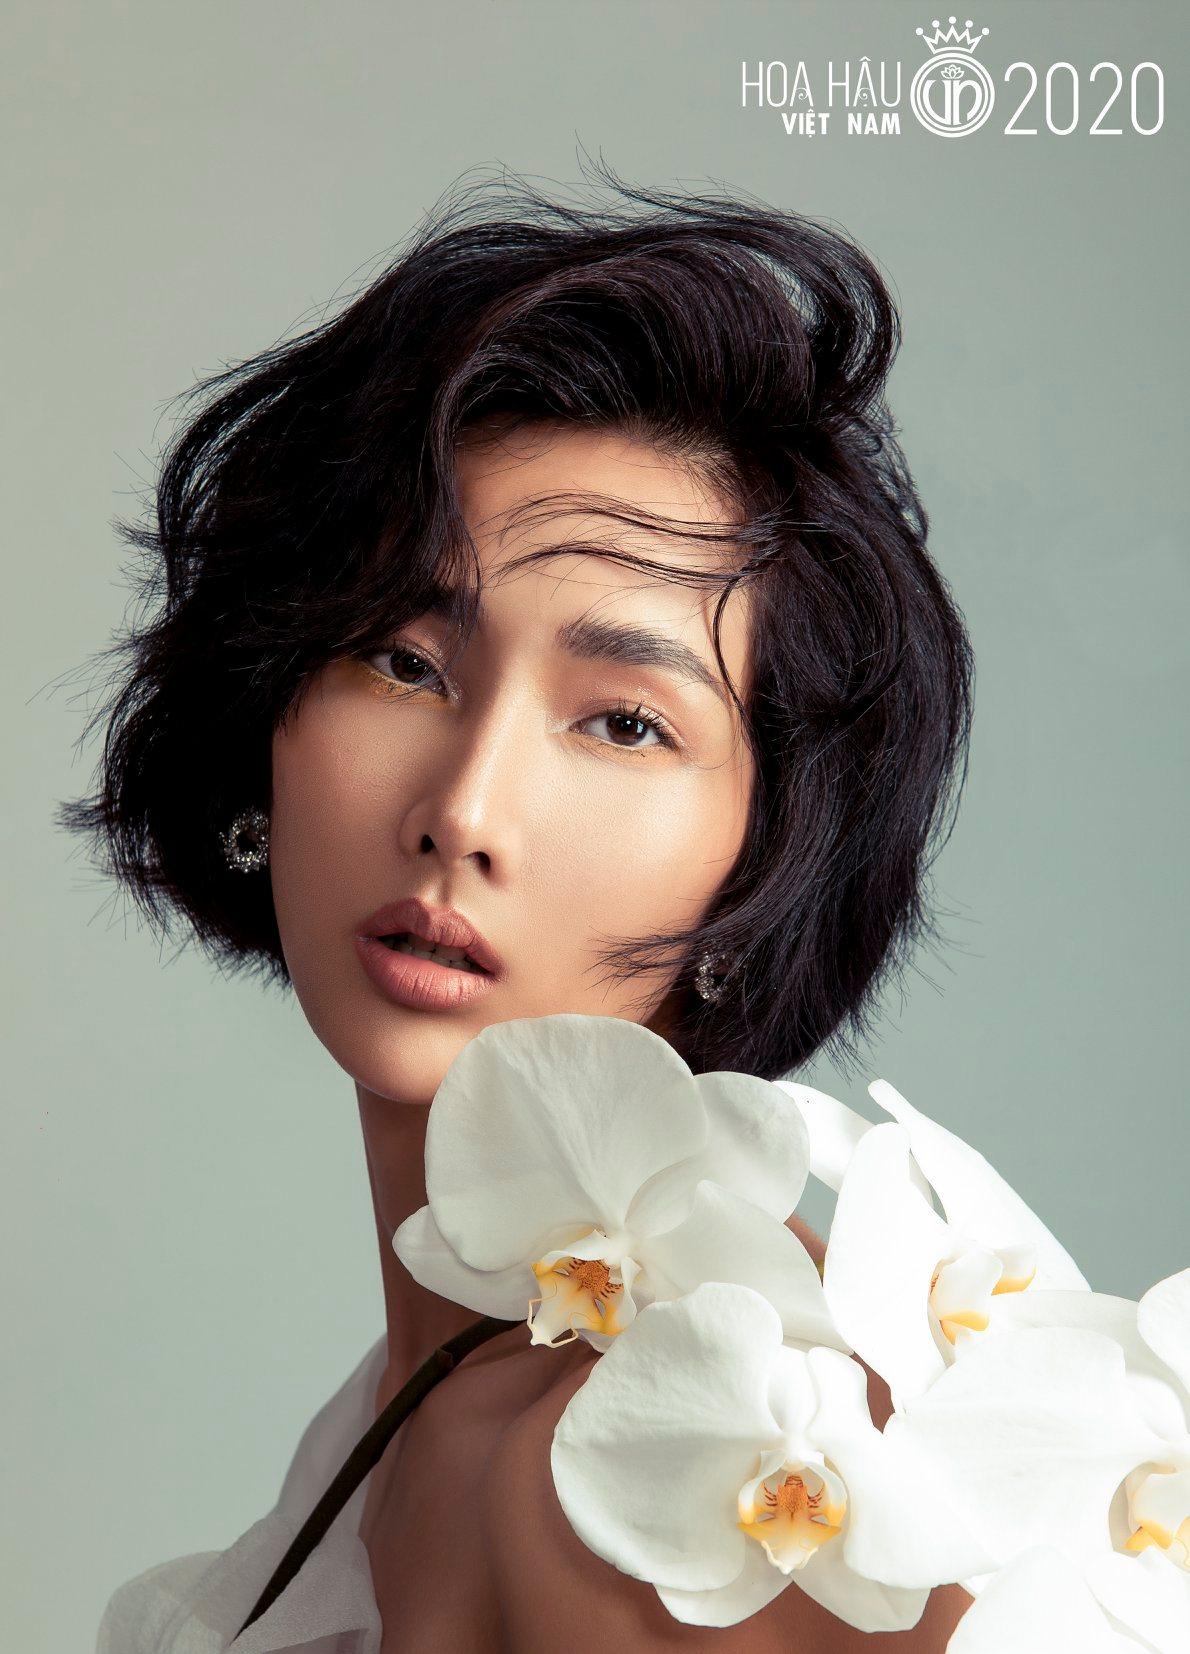 """Thí sinh Hoa hậu VN 2020 bị gợi ý """"nên thi người đẹp quý bà vì gương mặt đứng tuổi"""""""